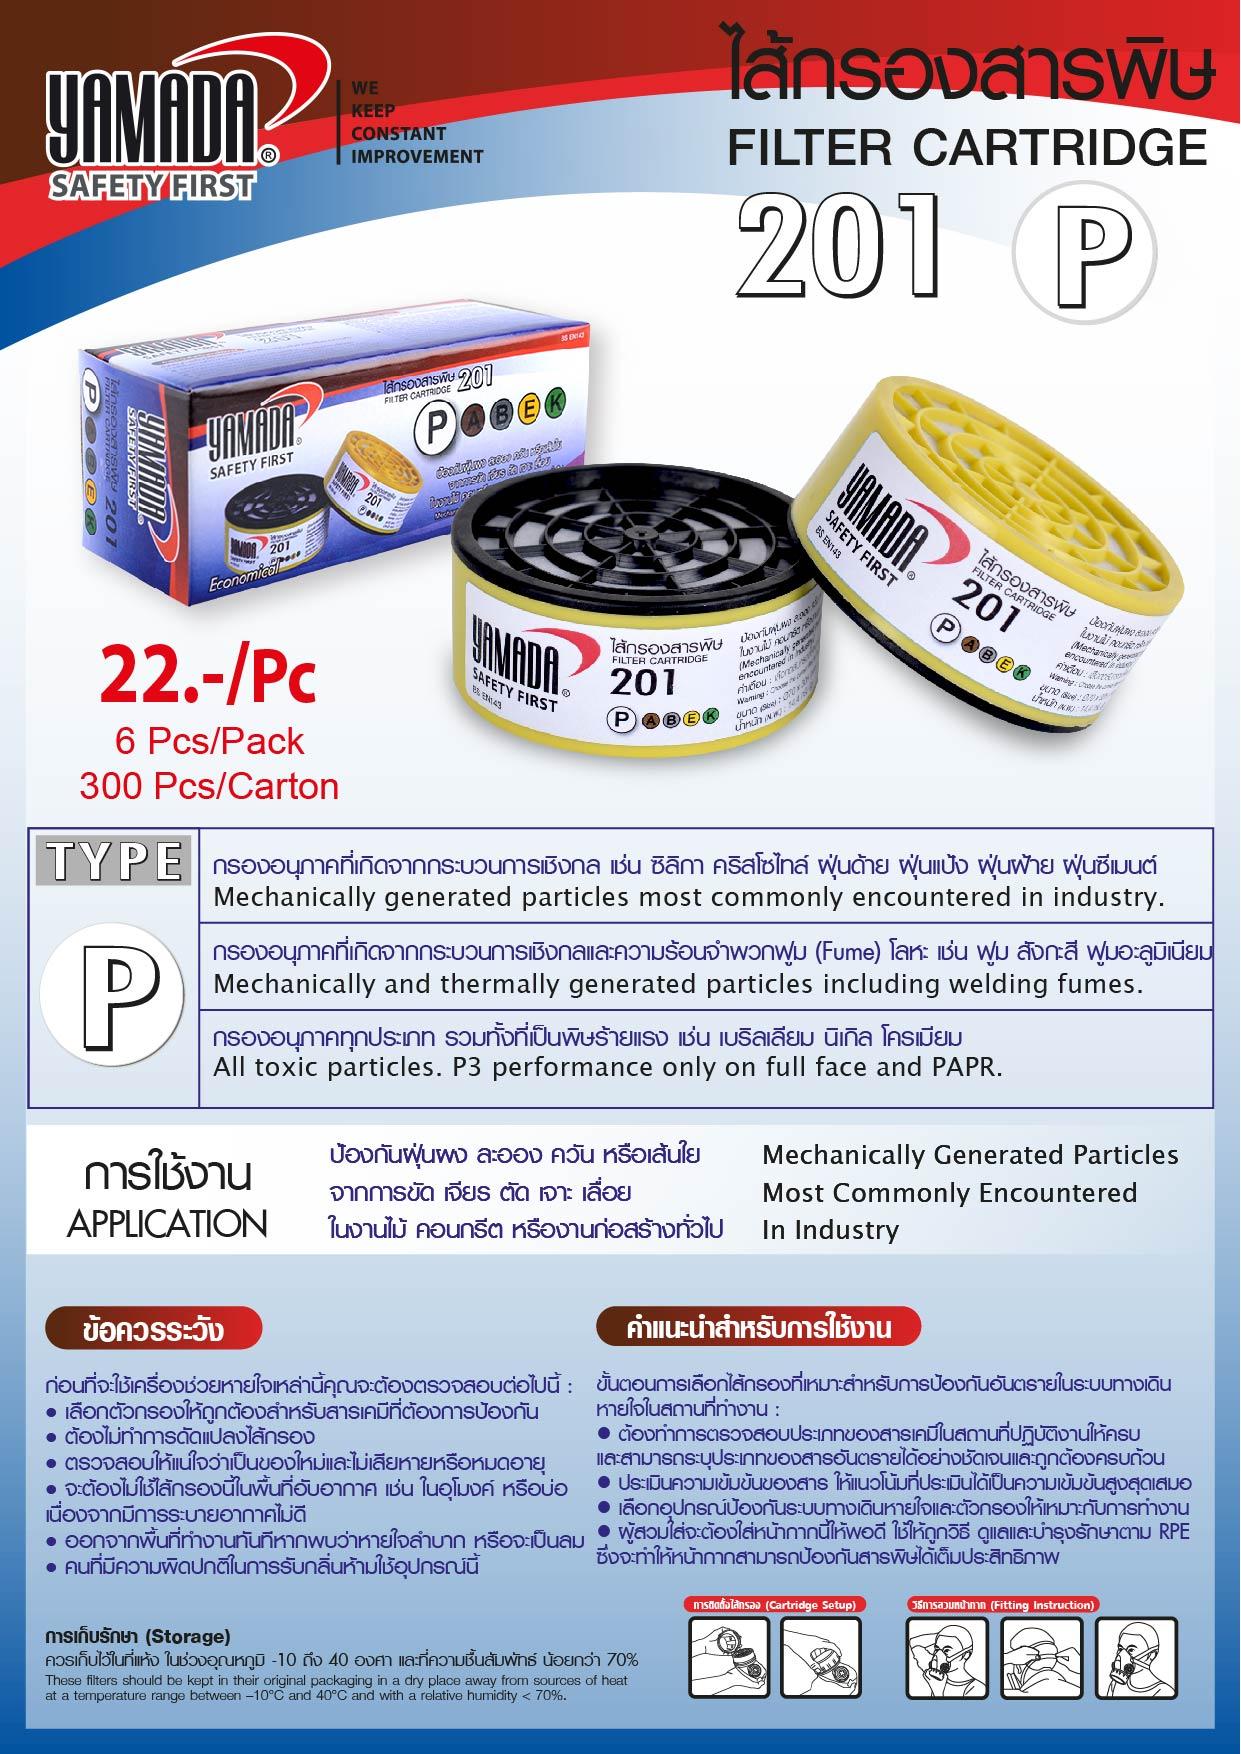 (43/268) ไส้กรองสารพิษ 201 TYPE P / Filter Cartridge